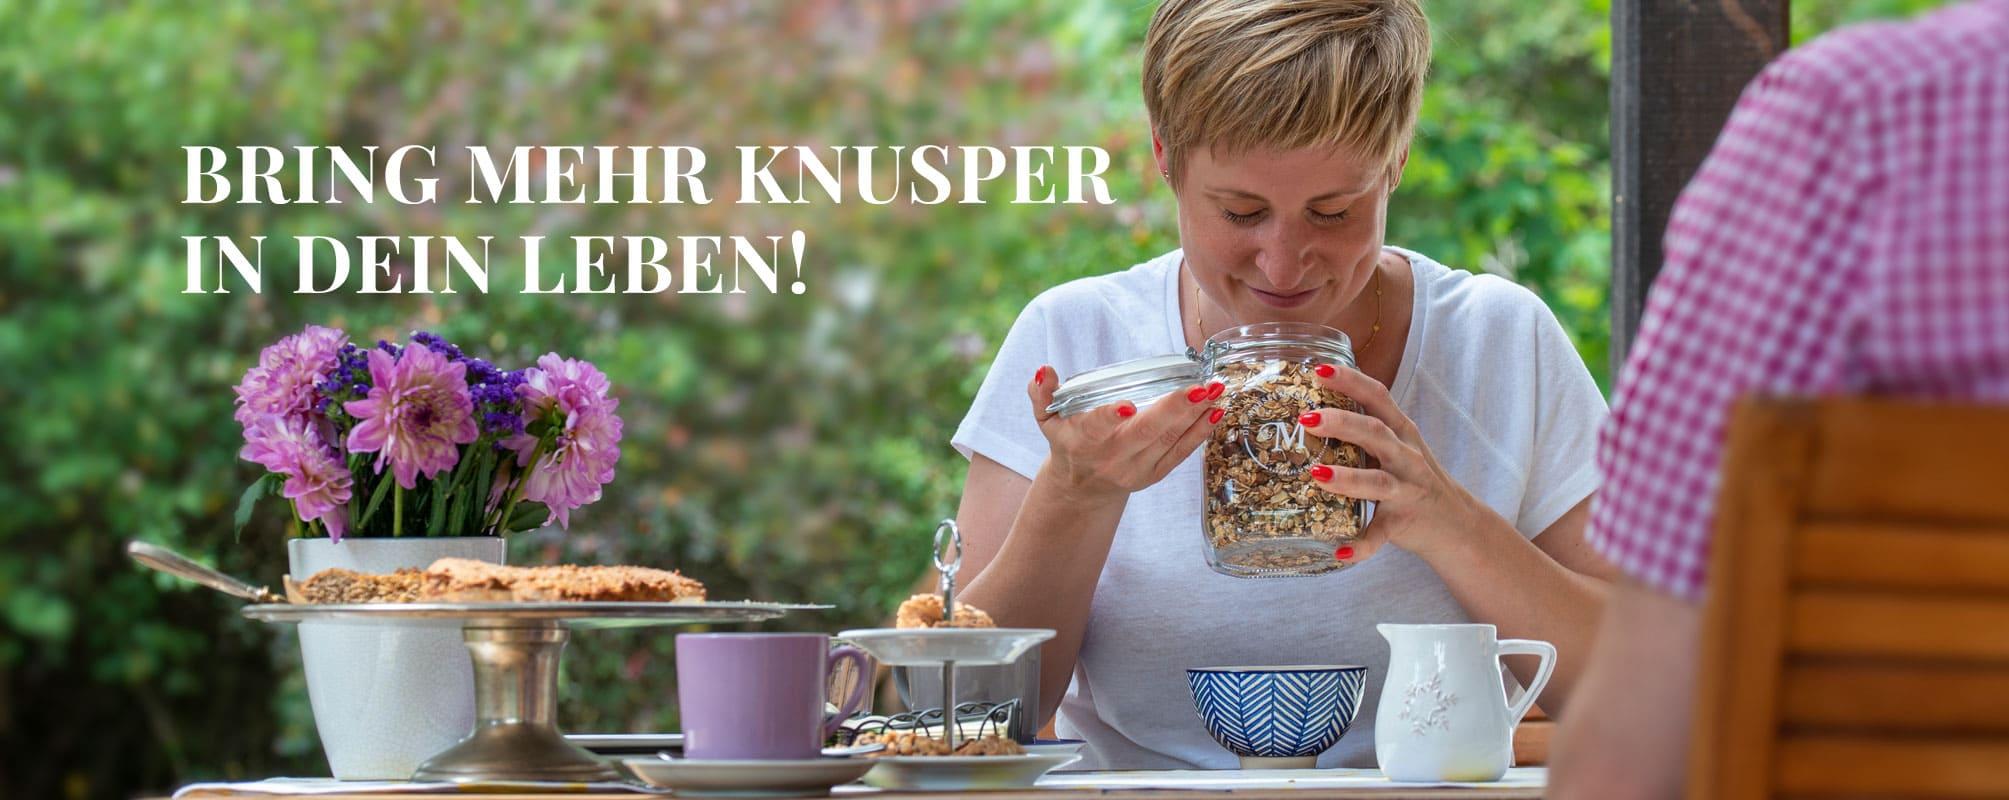 Webdesign für die Muesli-Manufaktur, Webseiten designen, Webdesignerin Mainz